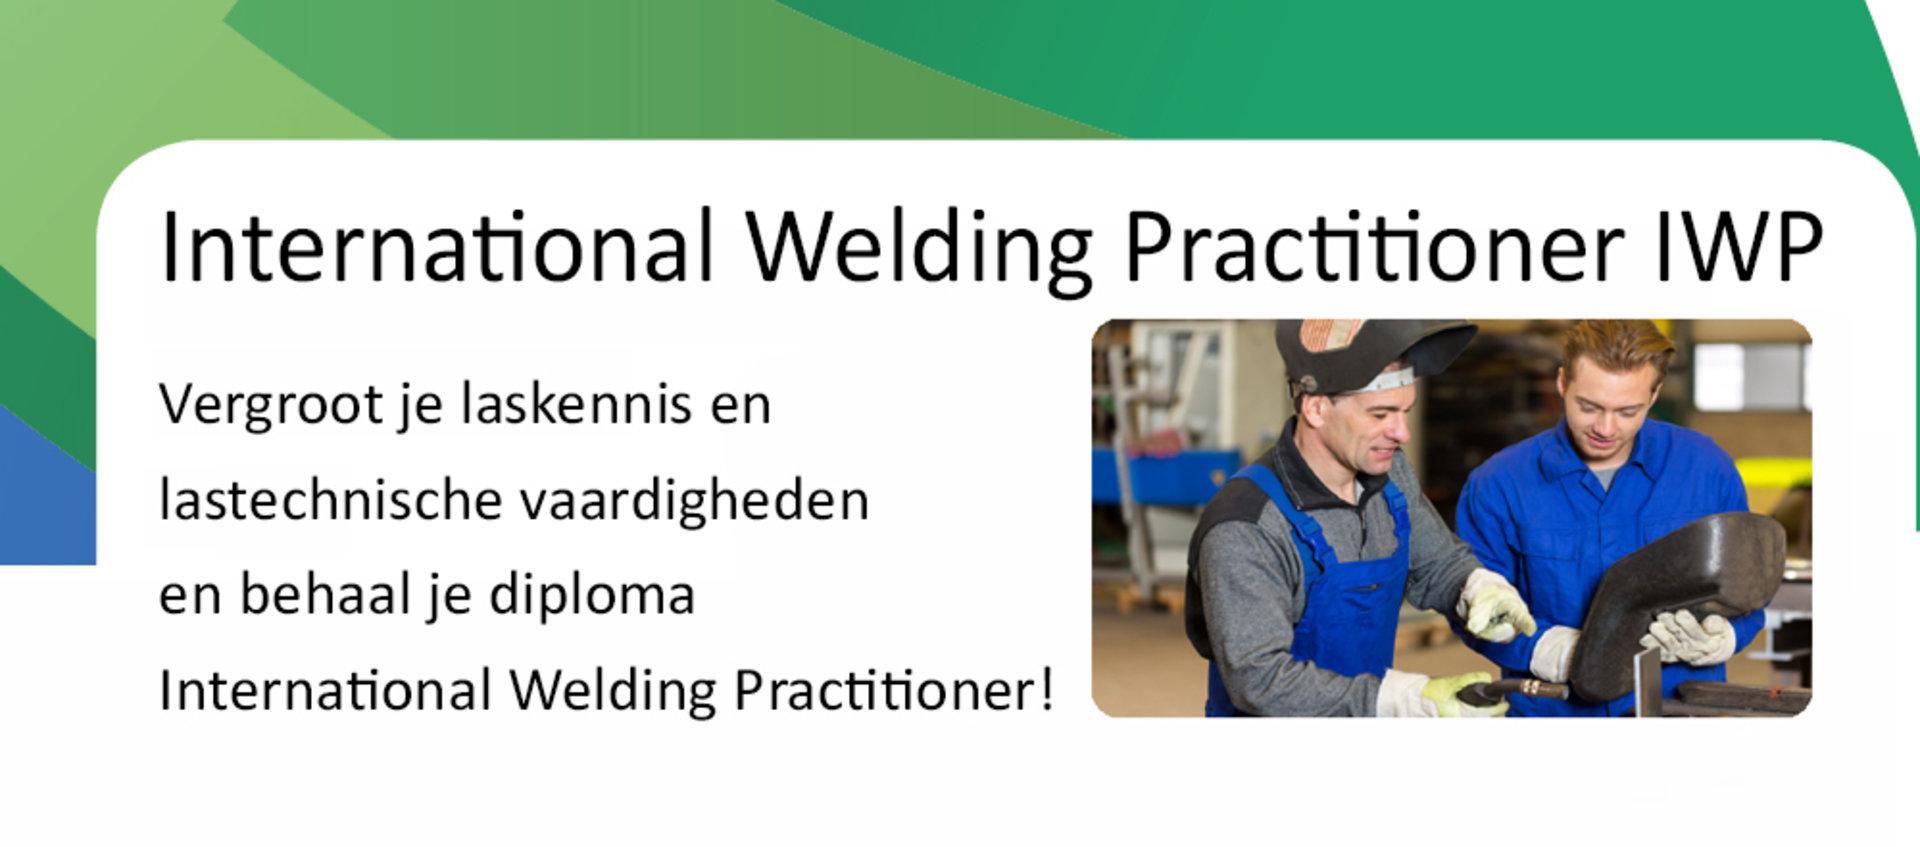 International Welding Practitioner IWP